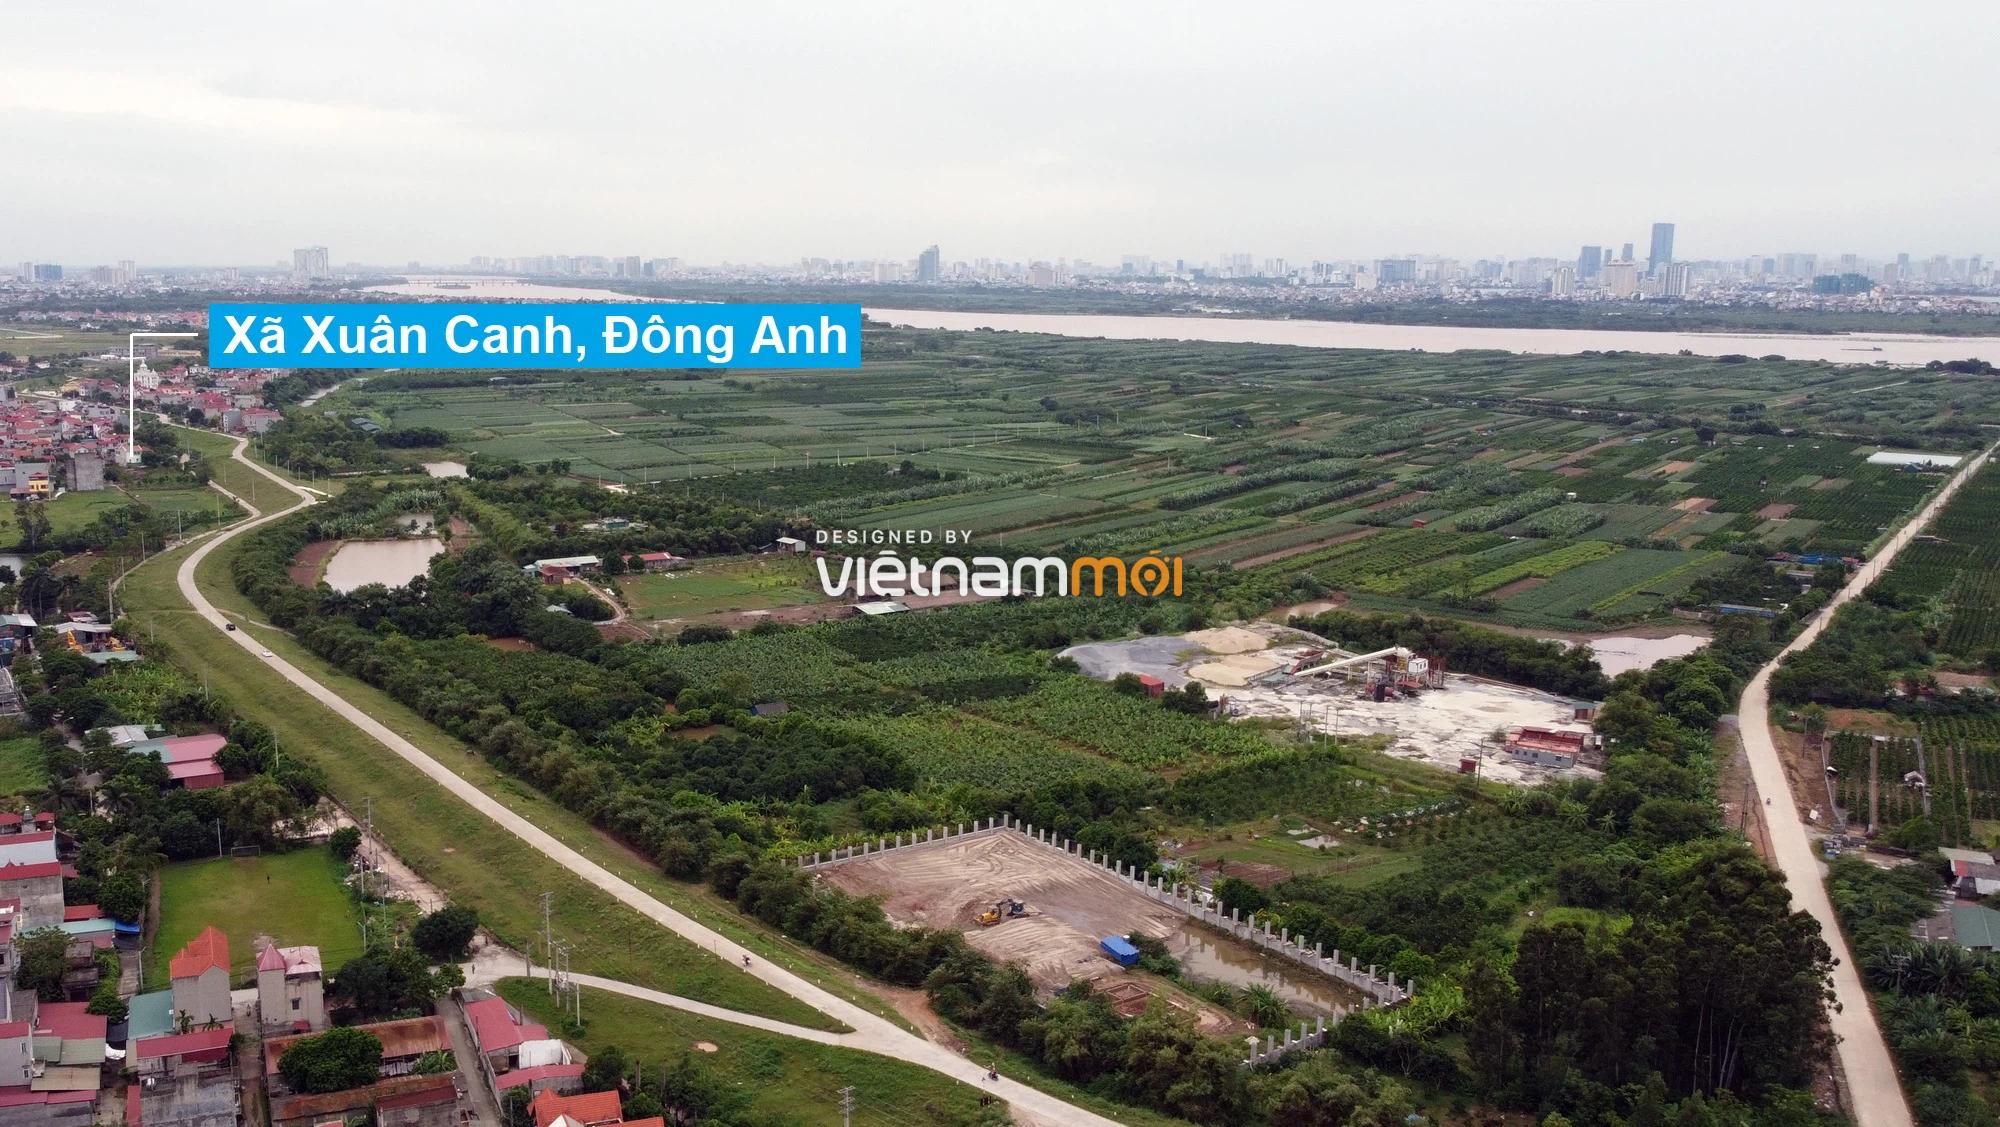 Hà Nội: Toàn cảnh hai bãi sông Hồng được phép xây dựng - Ảnh 4.